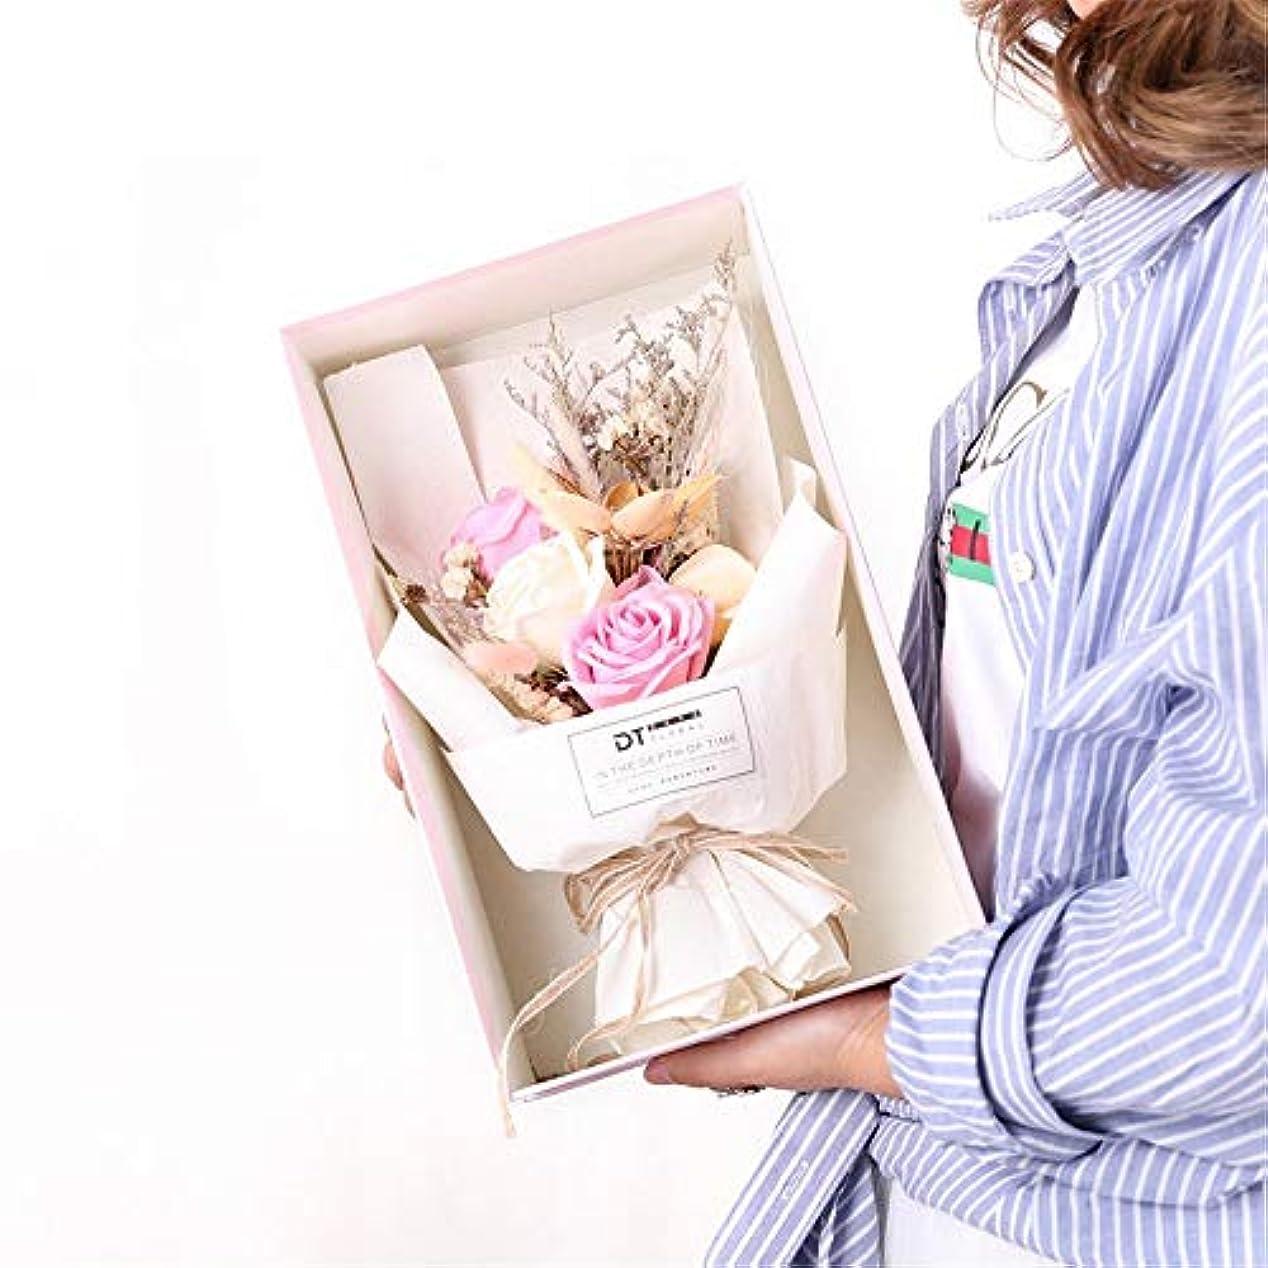 手作りのバラ石鹸フラワーブーケのギフトボックス、女性のためのギフトバレンタインデー、母の日、結婚式、クリスマス、誕生日を愛した女の子 (色 : ピンク)